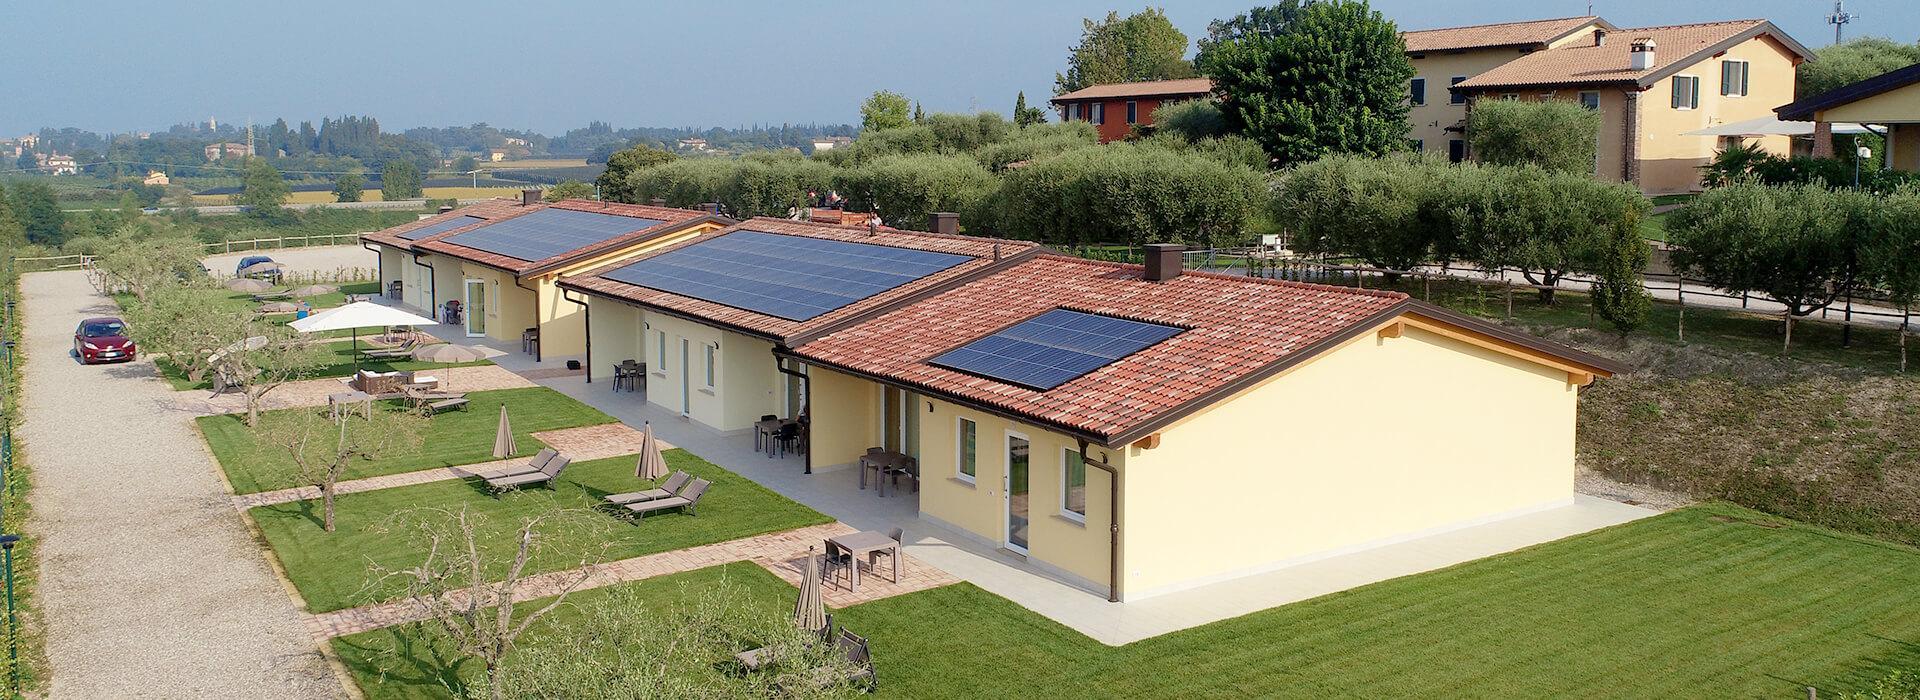 Agriturismo Ecosostenibile Lago di Garda